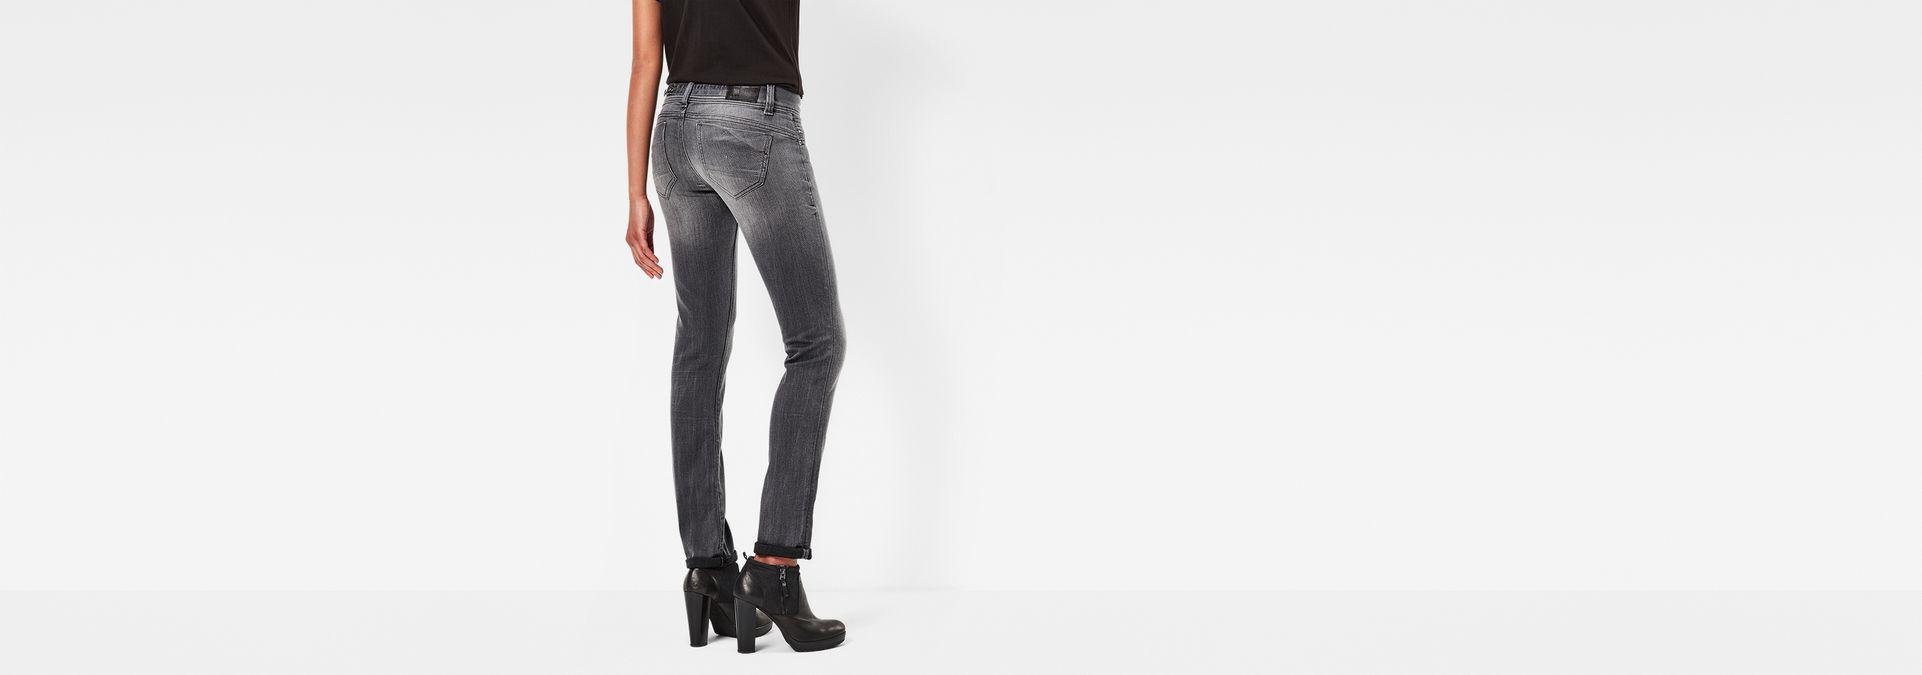 midge saddle mid waist straight jeans medium aged g star raw. Black Bedroom Furniture Sets. Home Design Ideas